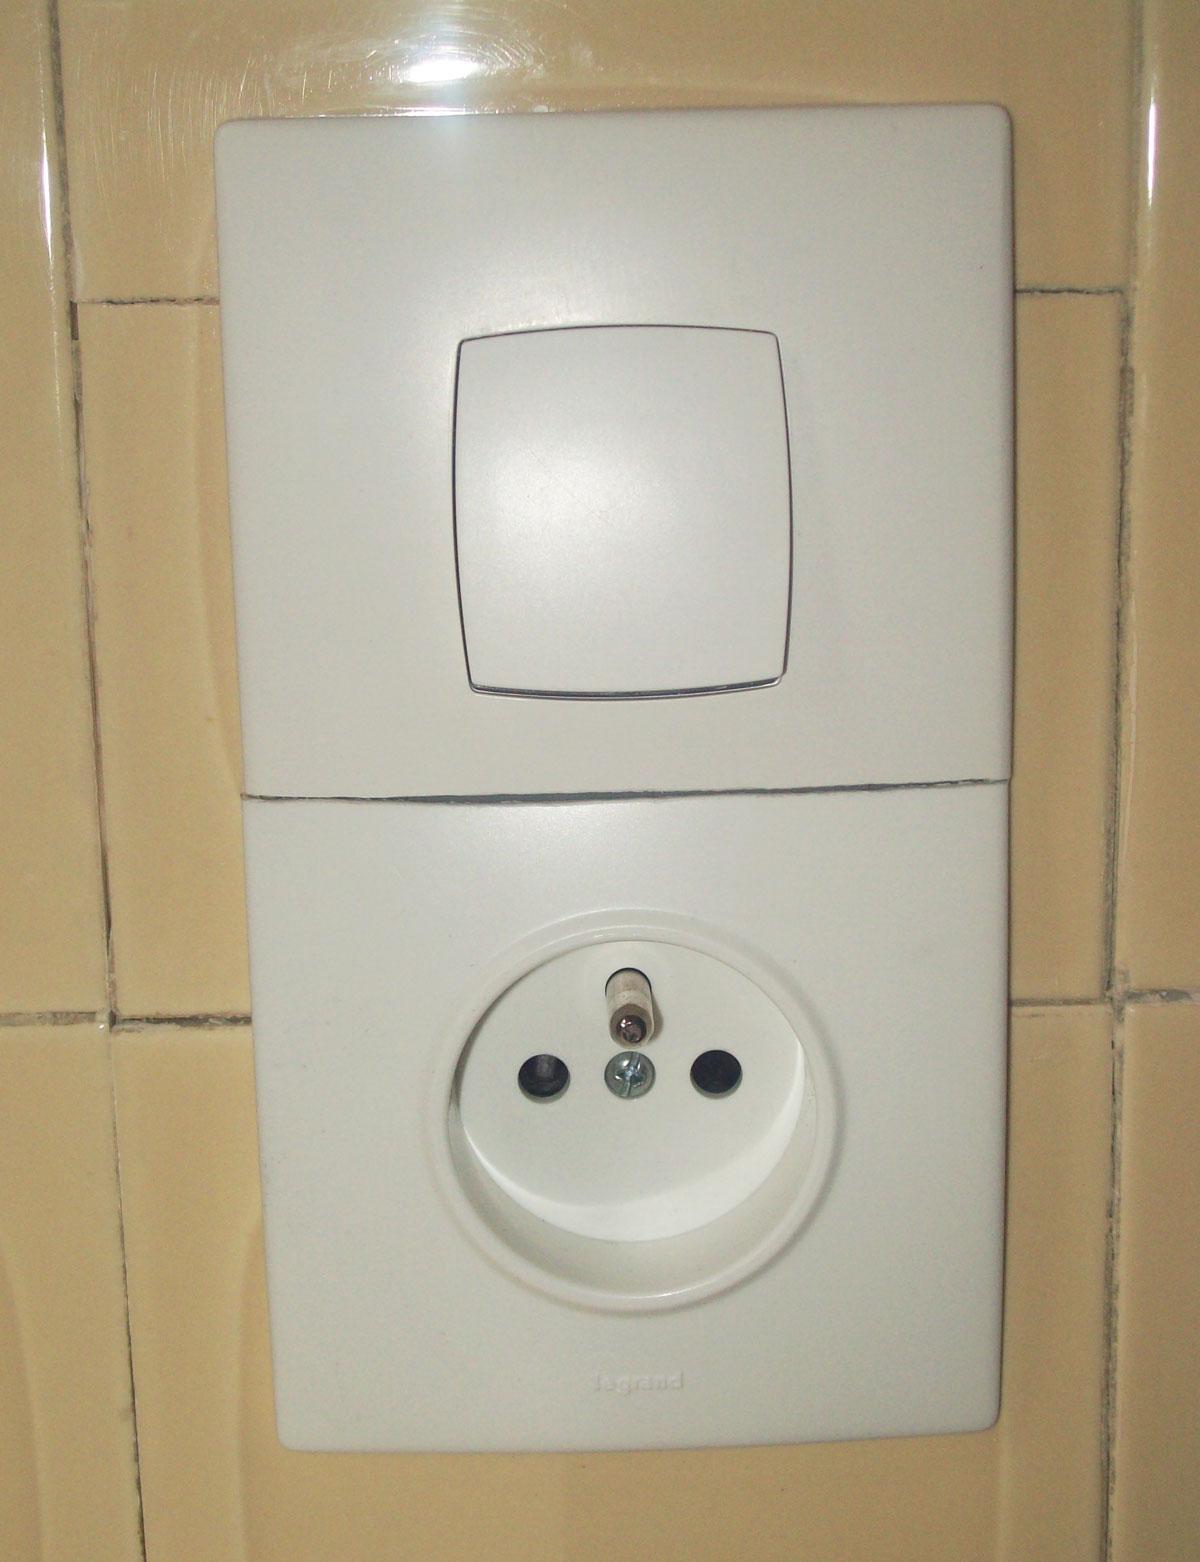 Dimelec changement interrupteur et prise électrique